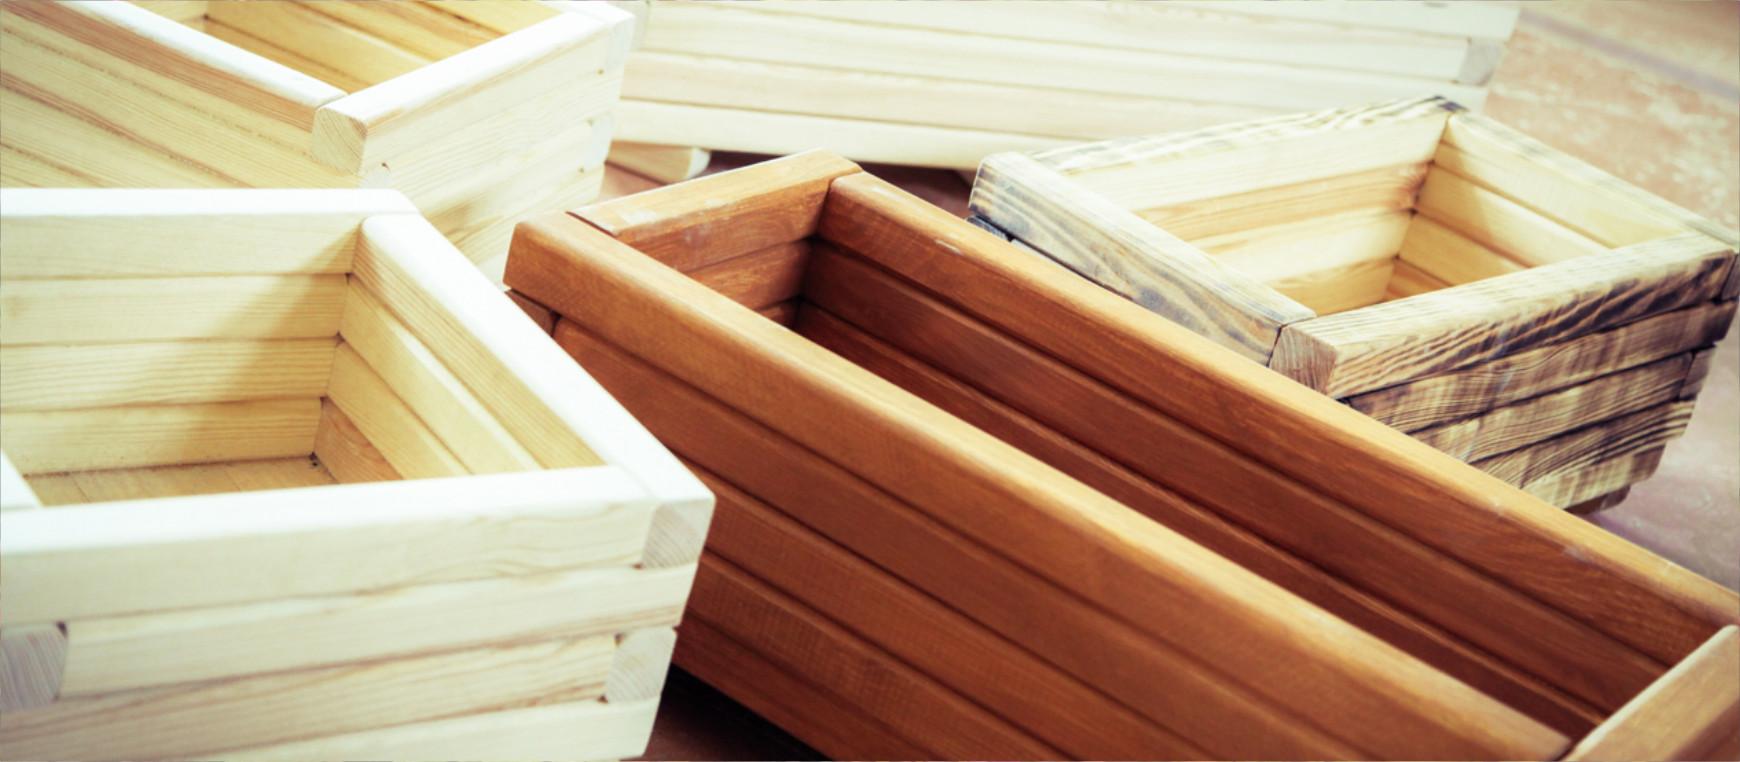 Starannie przygotowane doniczki, wykonane z naturalnego drewna, będą pięknym elementem ozdobnym każdego biura czy domu.